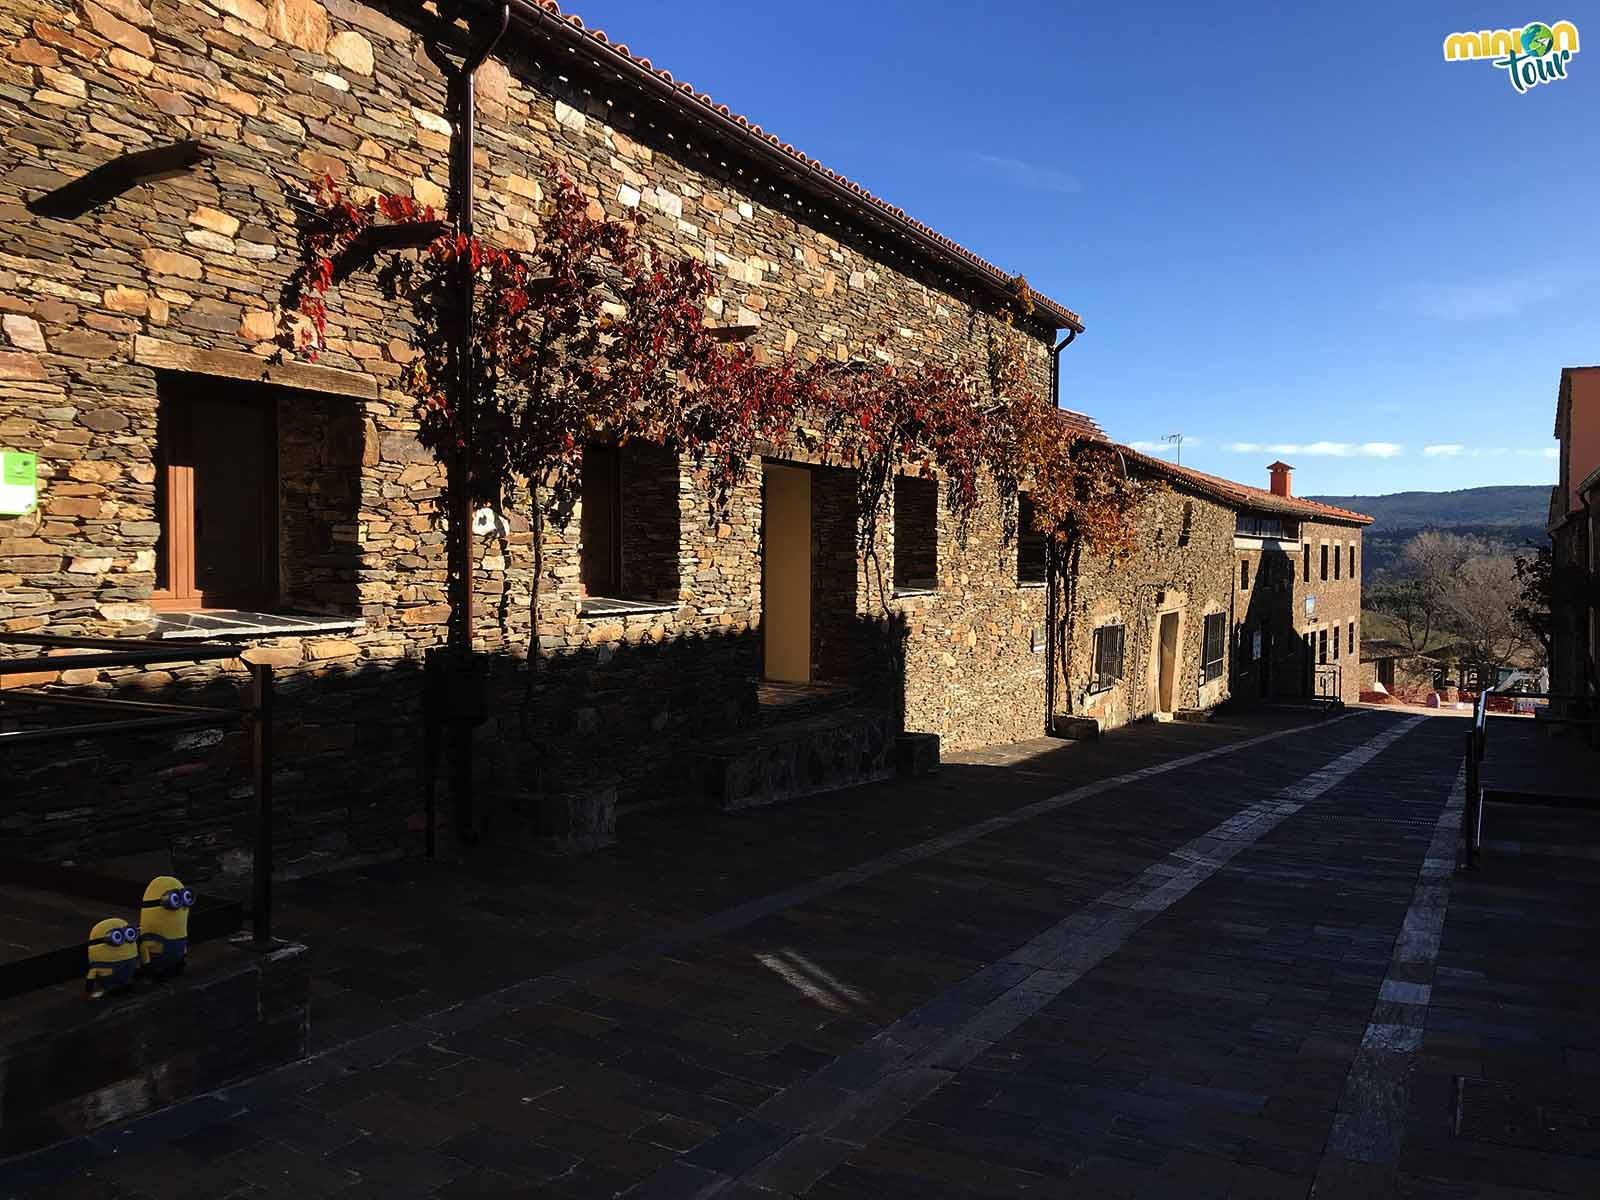 La calle de Villarreal de San Carlos